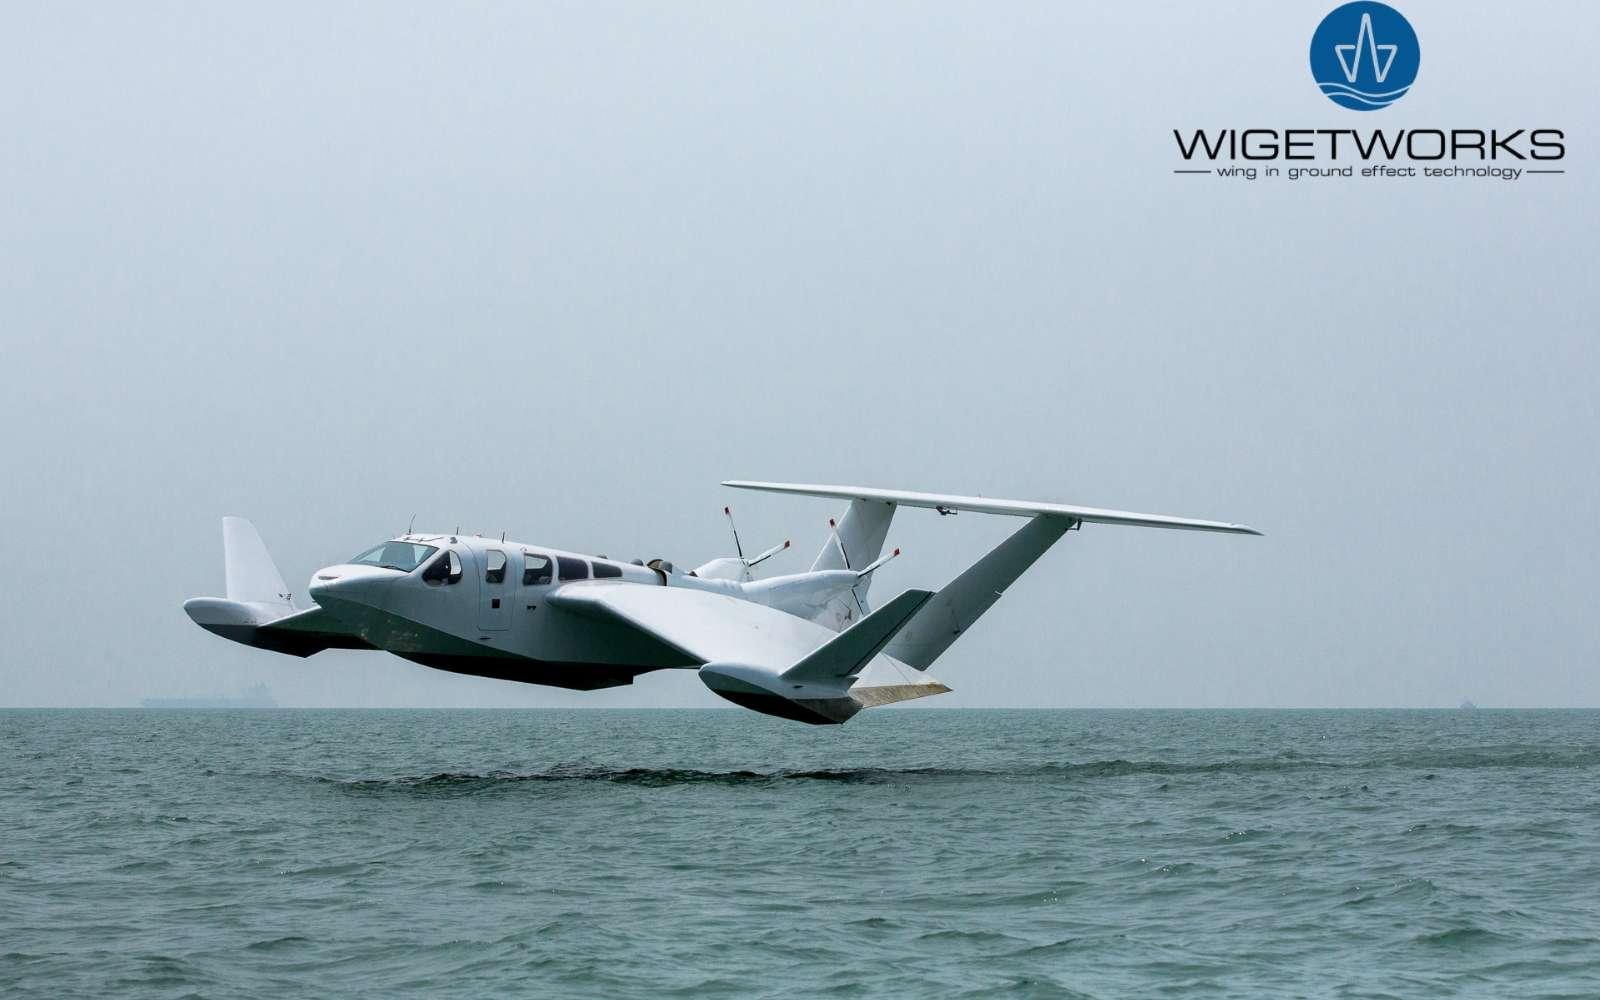 Grâce au design de ses ailes et de son fuselage, l'appareil exploite le phénomène aérodynamique d'effet de sol (Wing-in-ground) sur une surface plane et, idéalement, une étendue d'eau en raison de l'absence d'obstacles. © Wigetworks